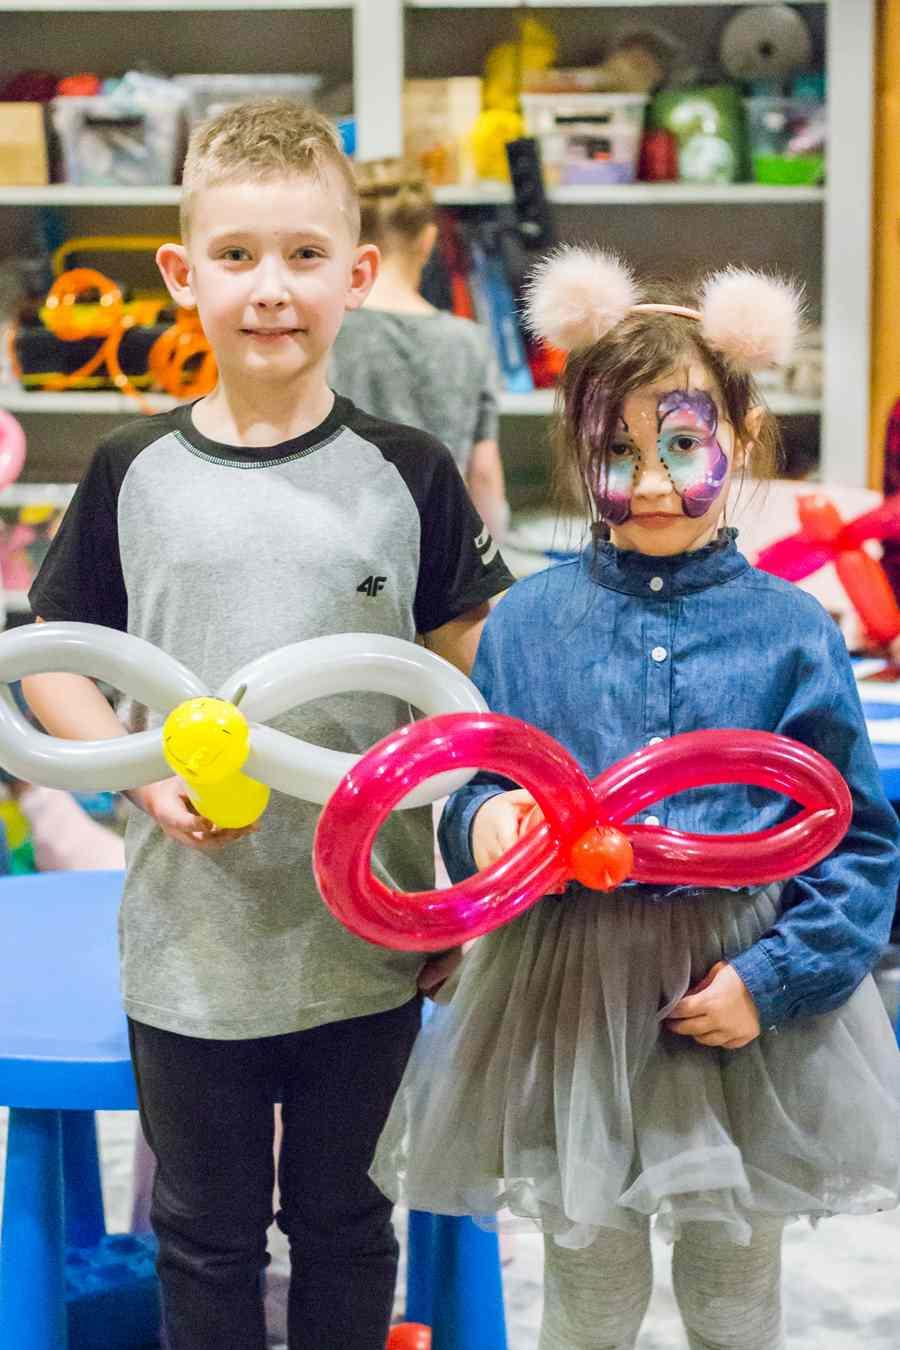 składanie balonów - tworzenie postaci